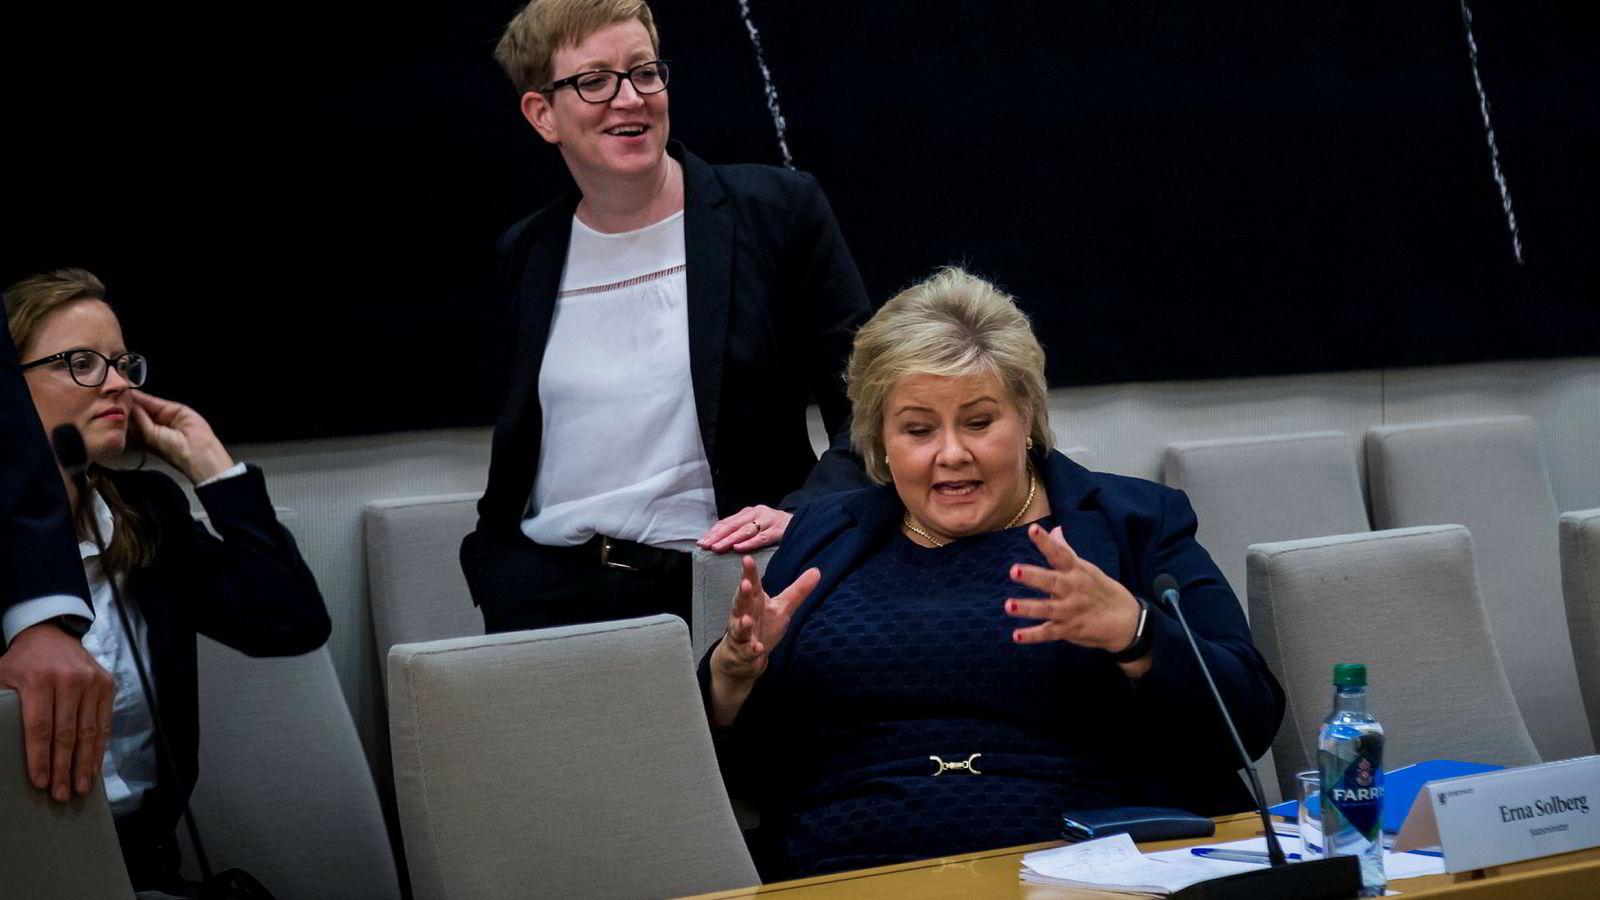 Statsminister Erna Solberg må møte i lukket høring på mandag.